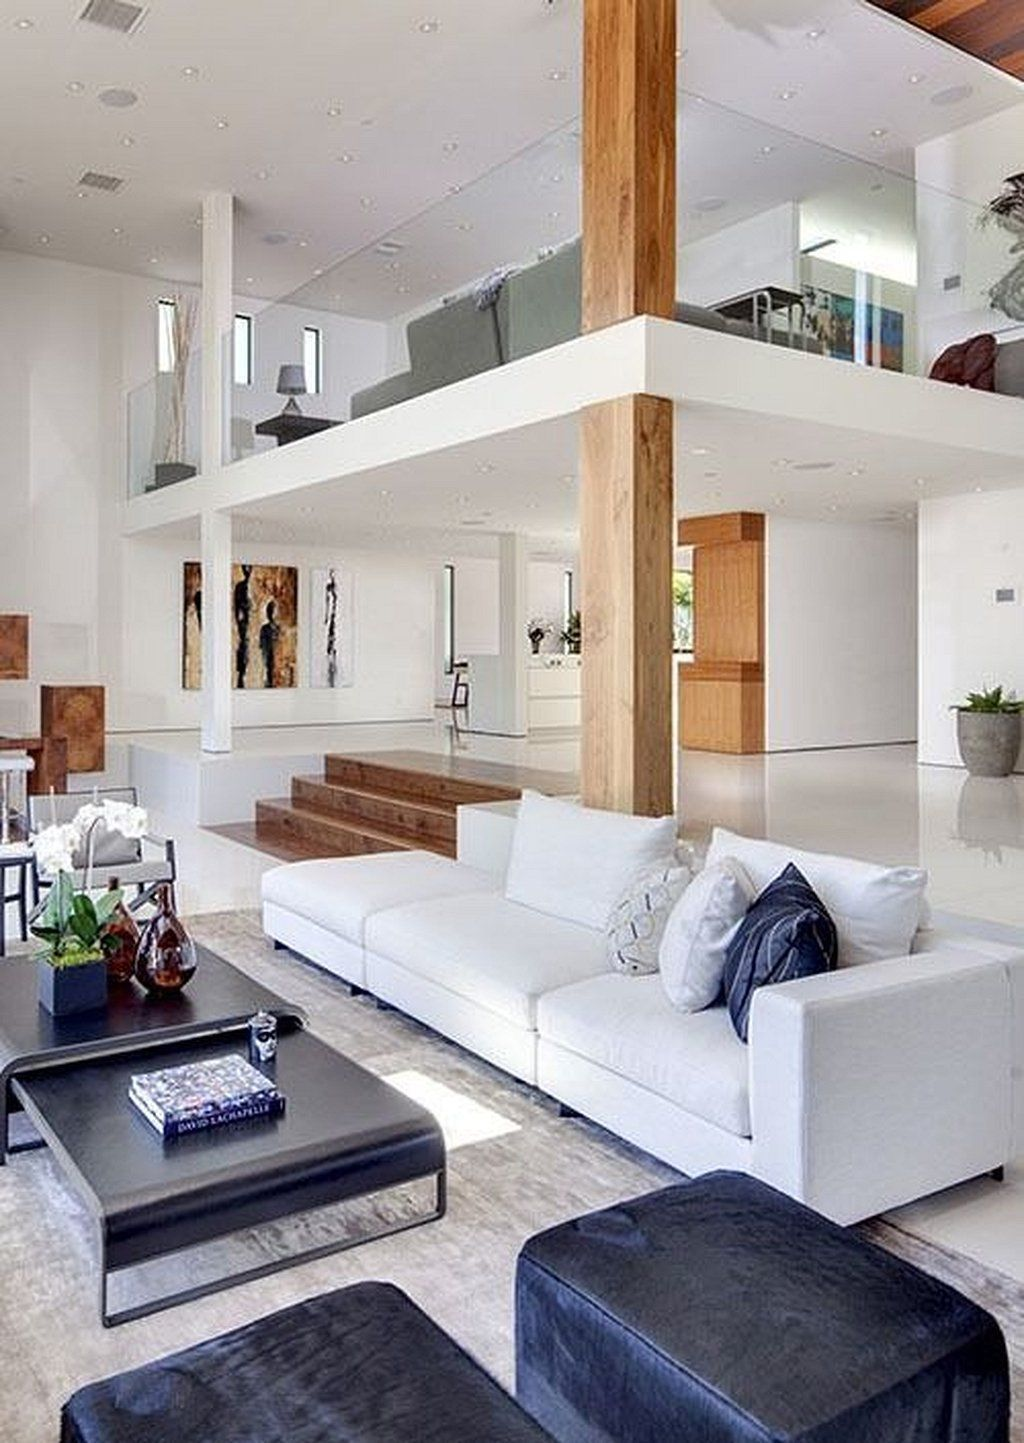 100 Remarquable Suggestions Modele D Intérieur De Maison Design